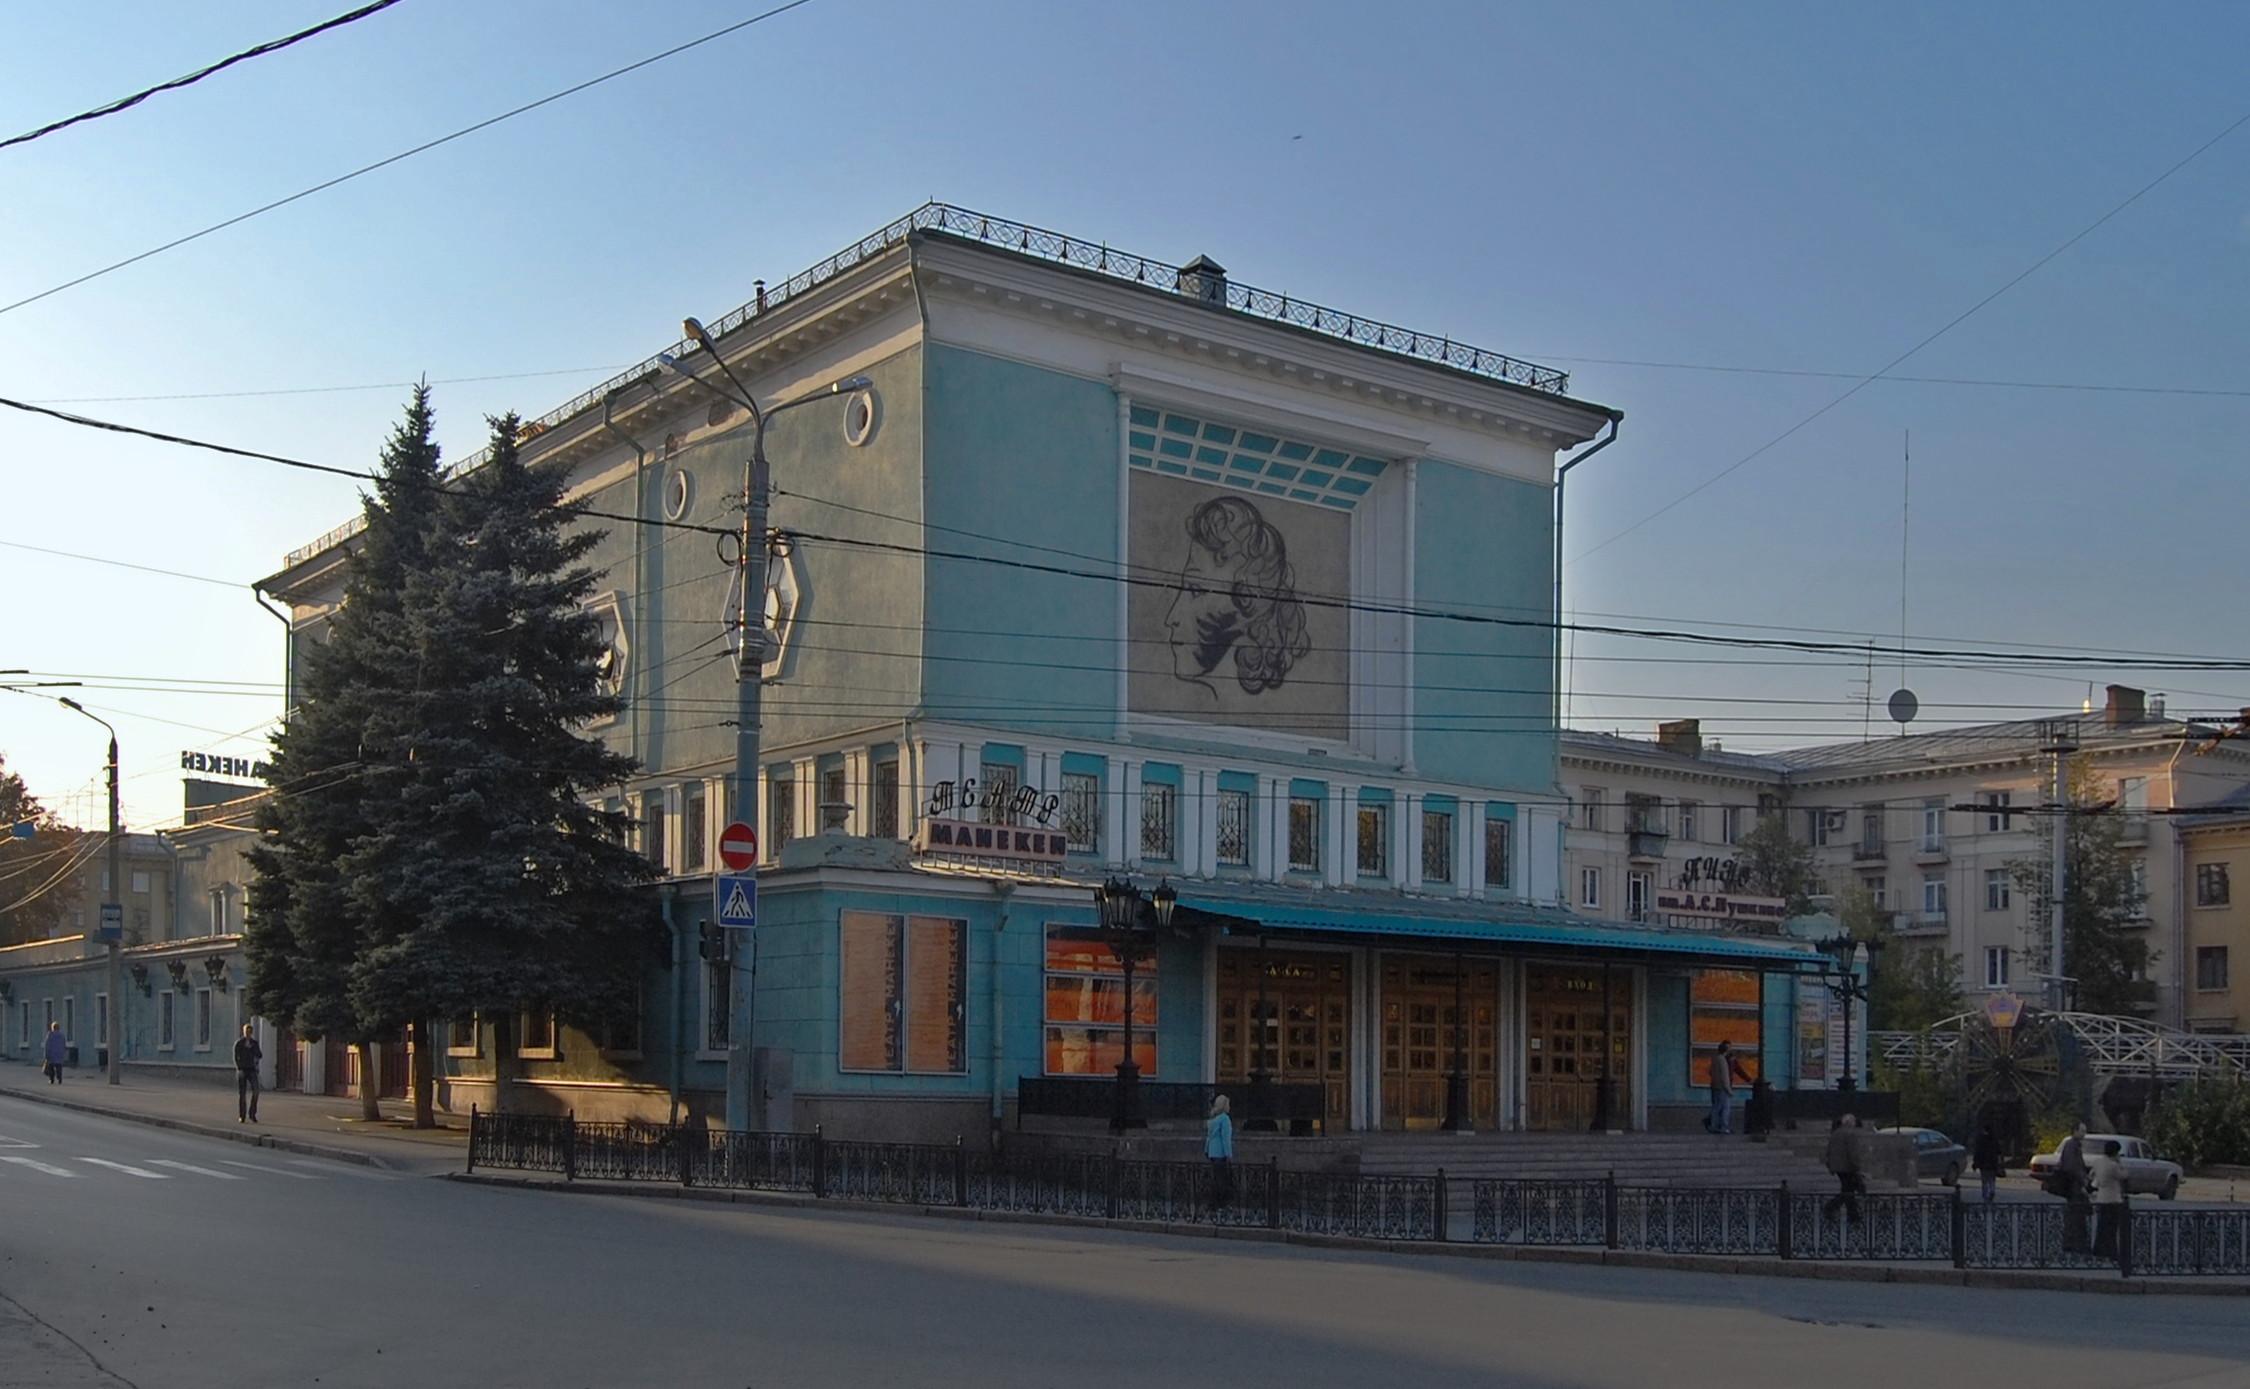 Манекен театр студия челябинск афиша афиша концерты сергиев посад